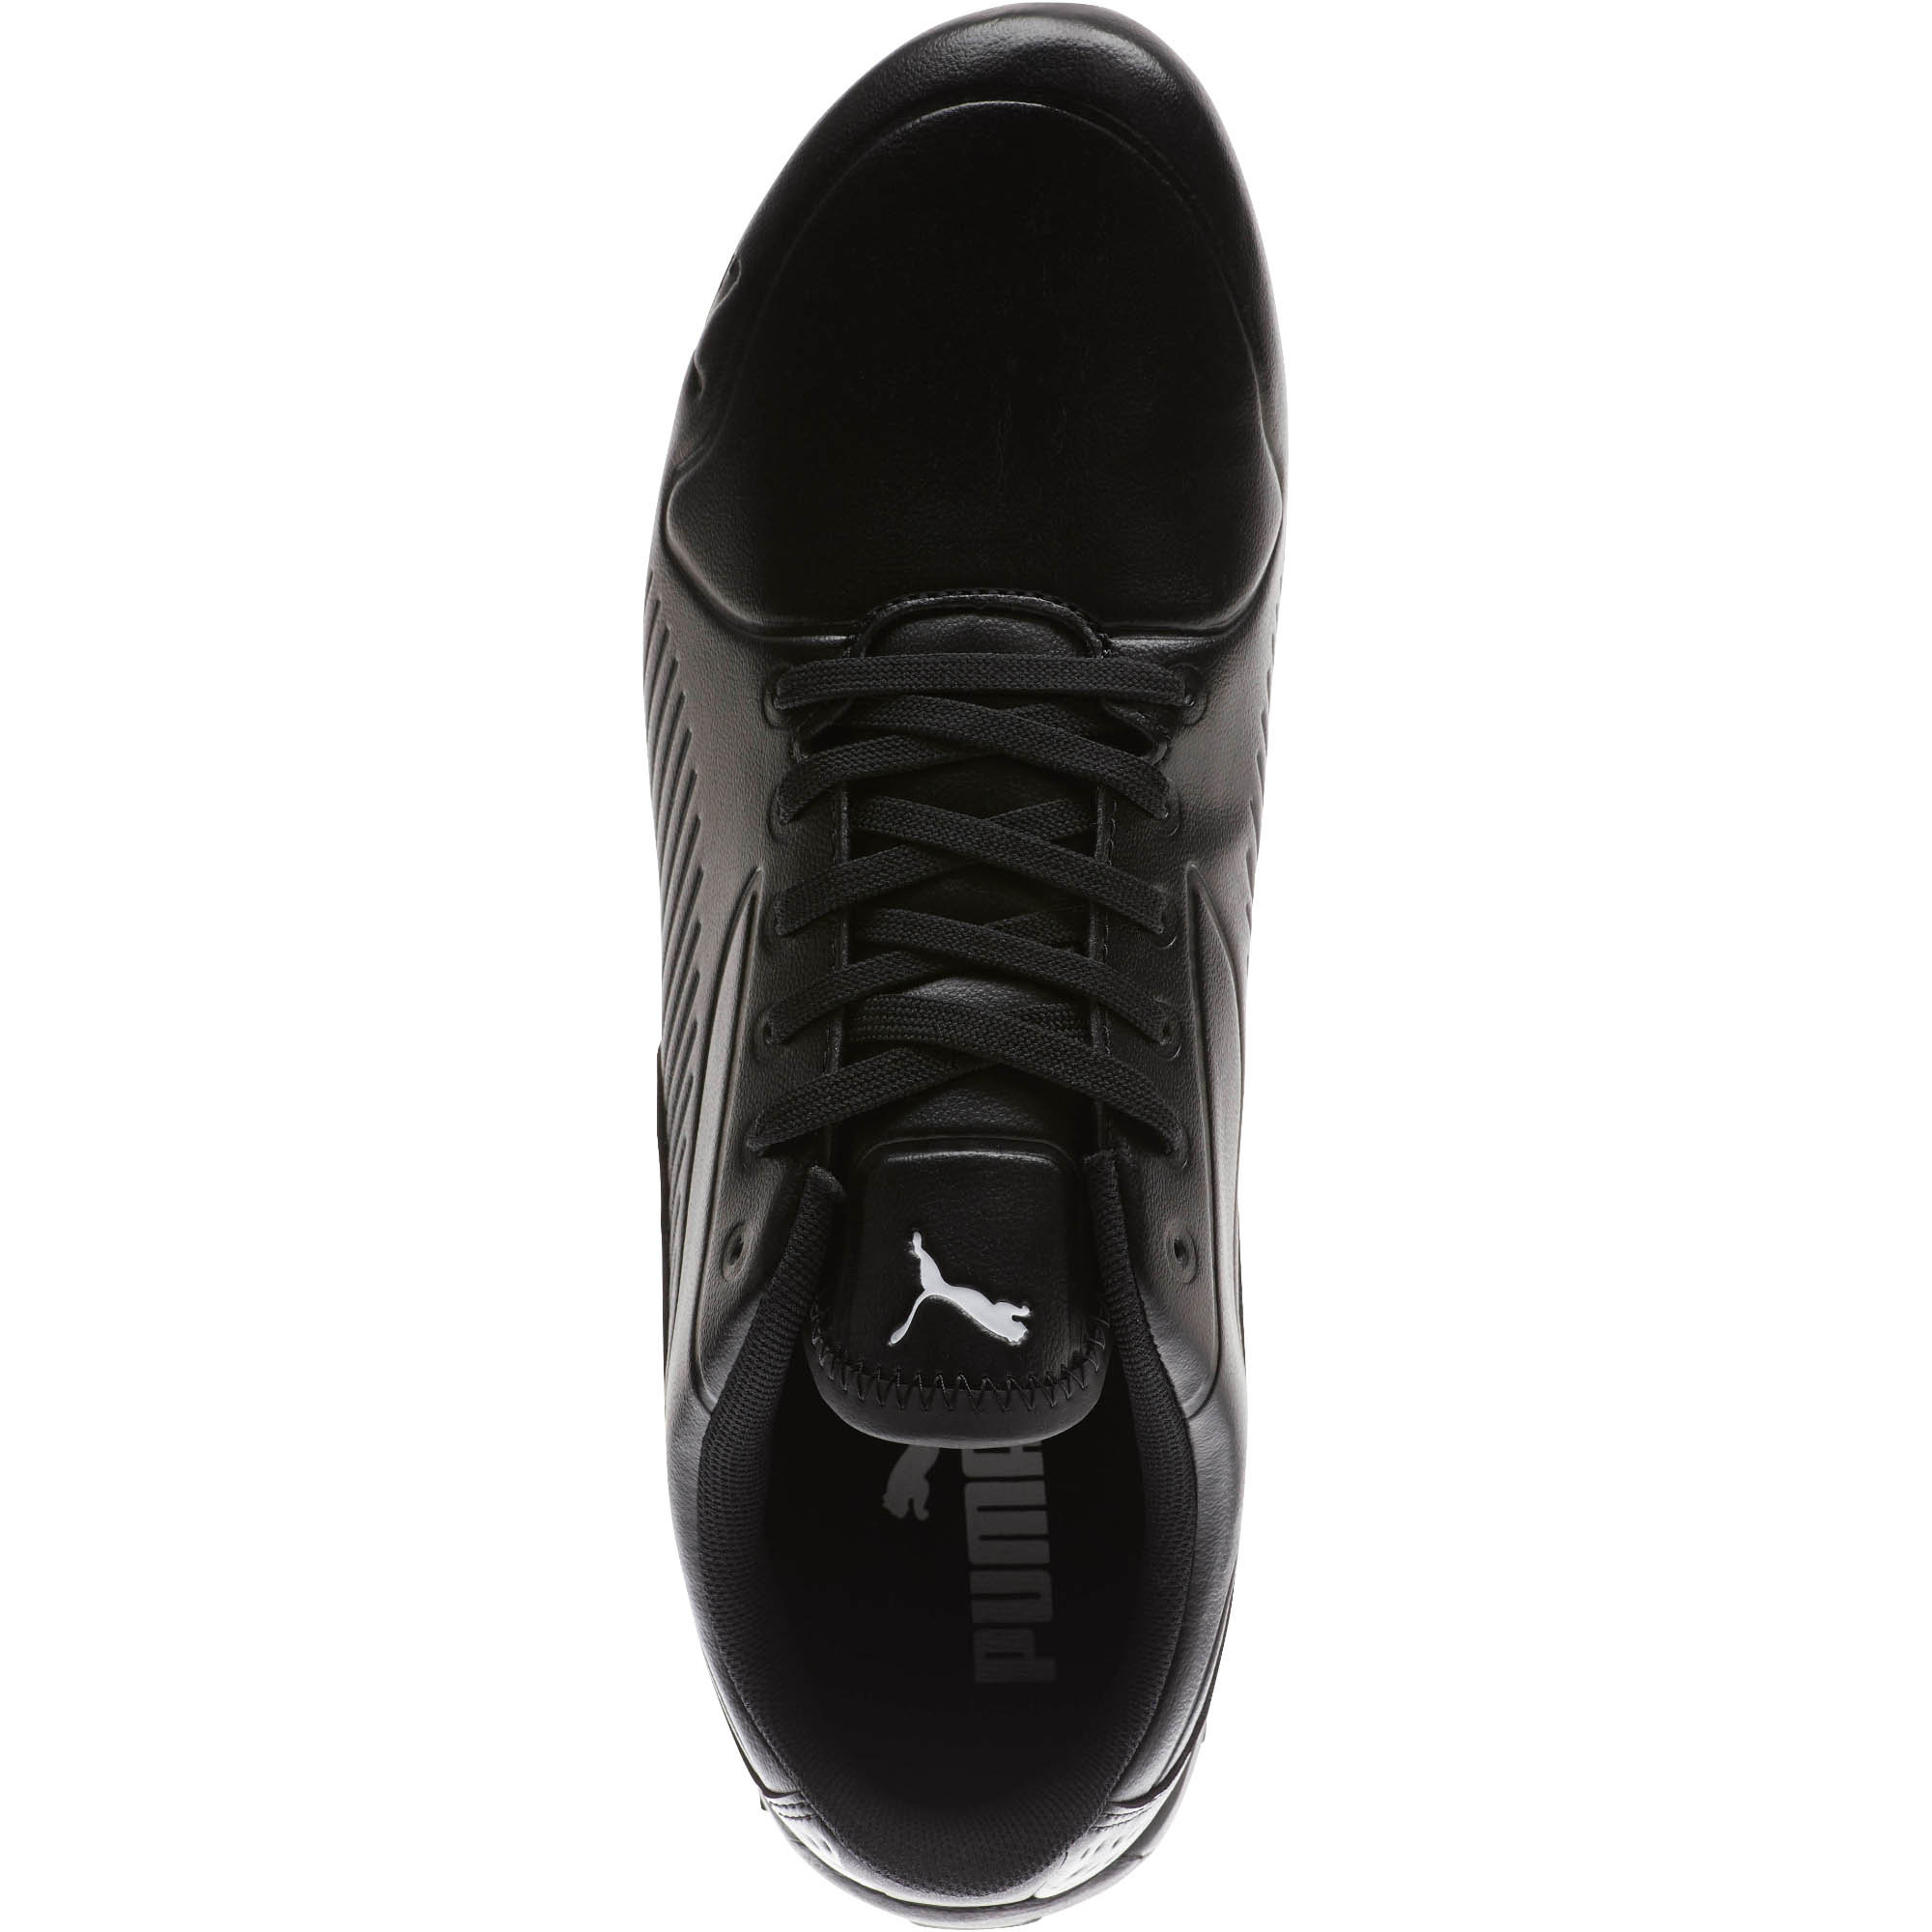 PUMA-Drift-Cat-7S-Ultra-Shoes-Men-Shoe-Basics thumbnail 6